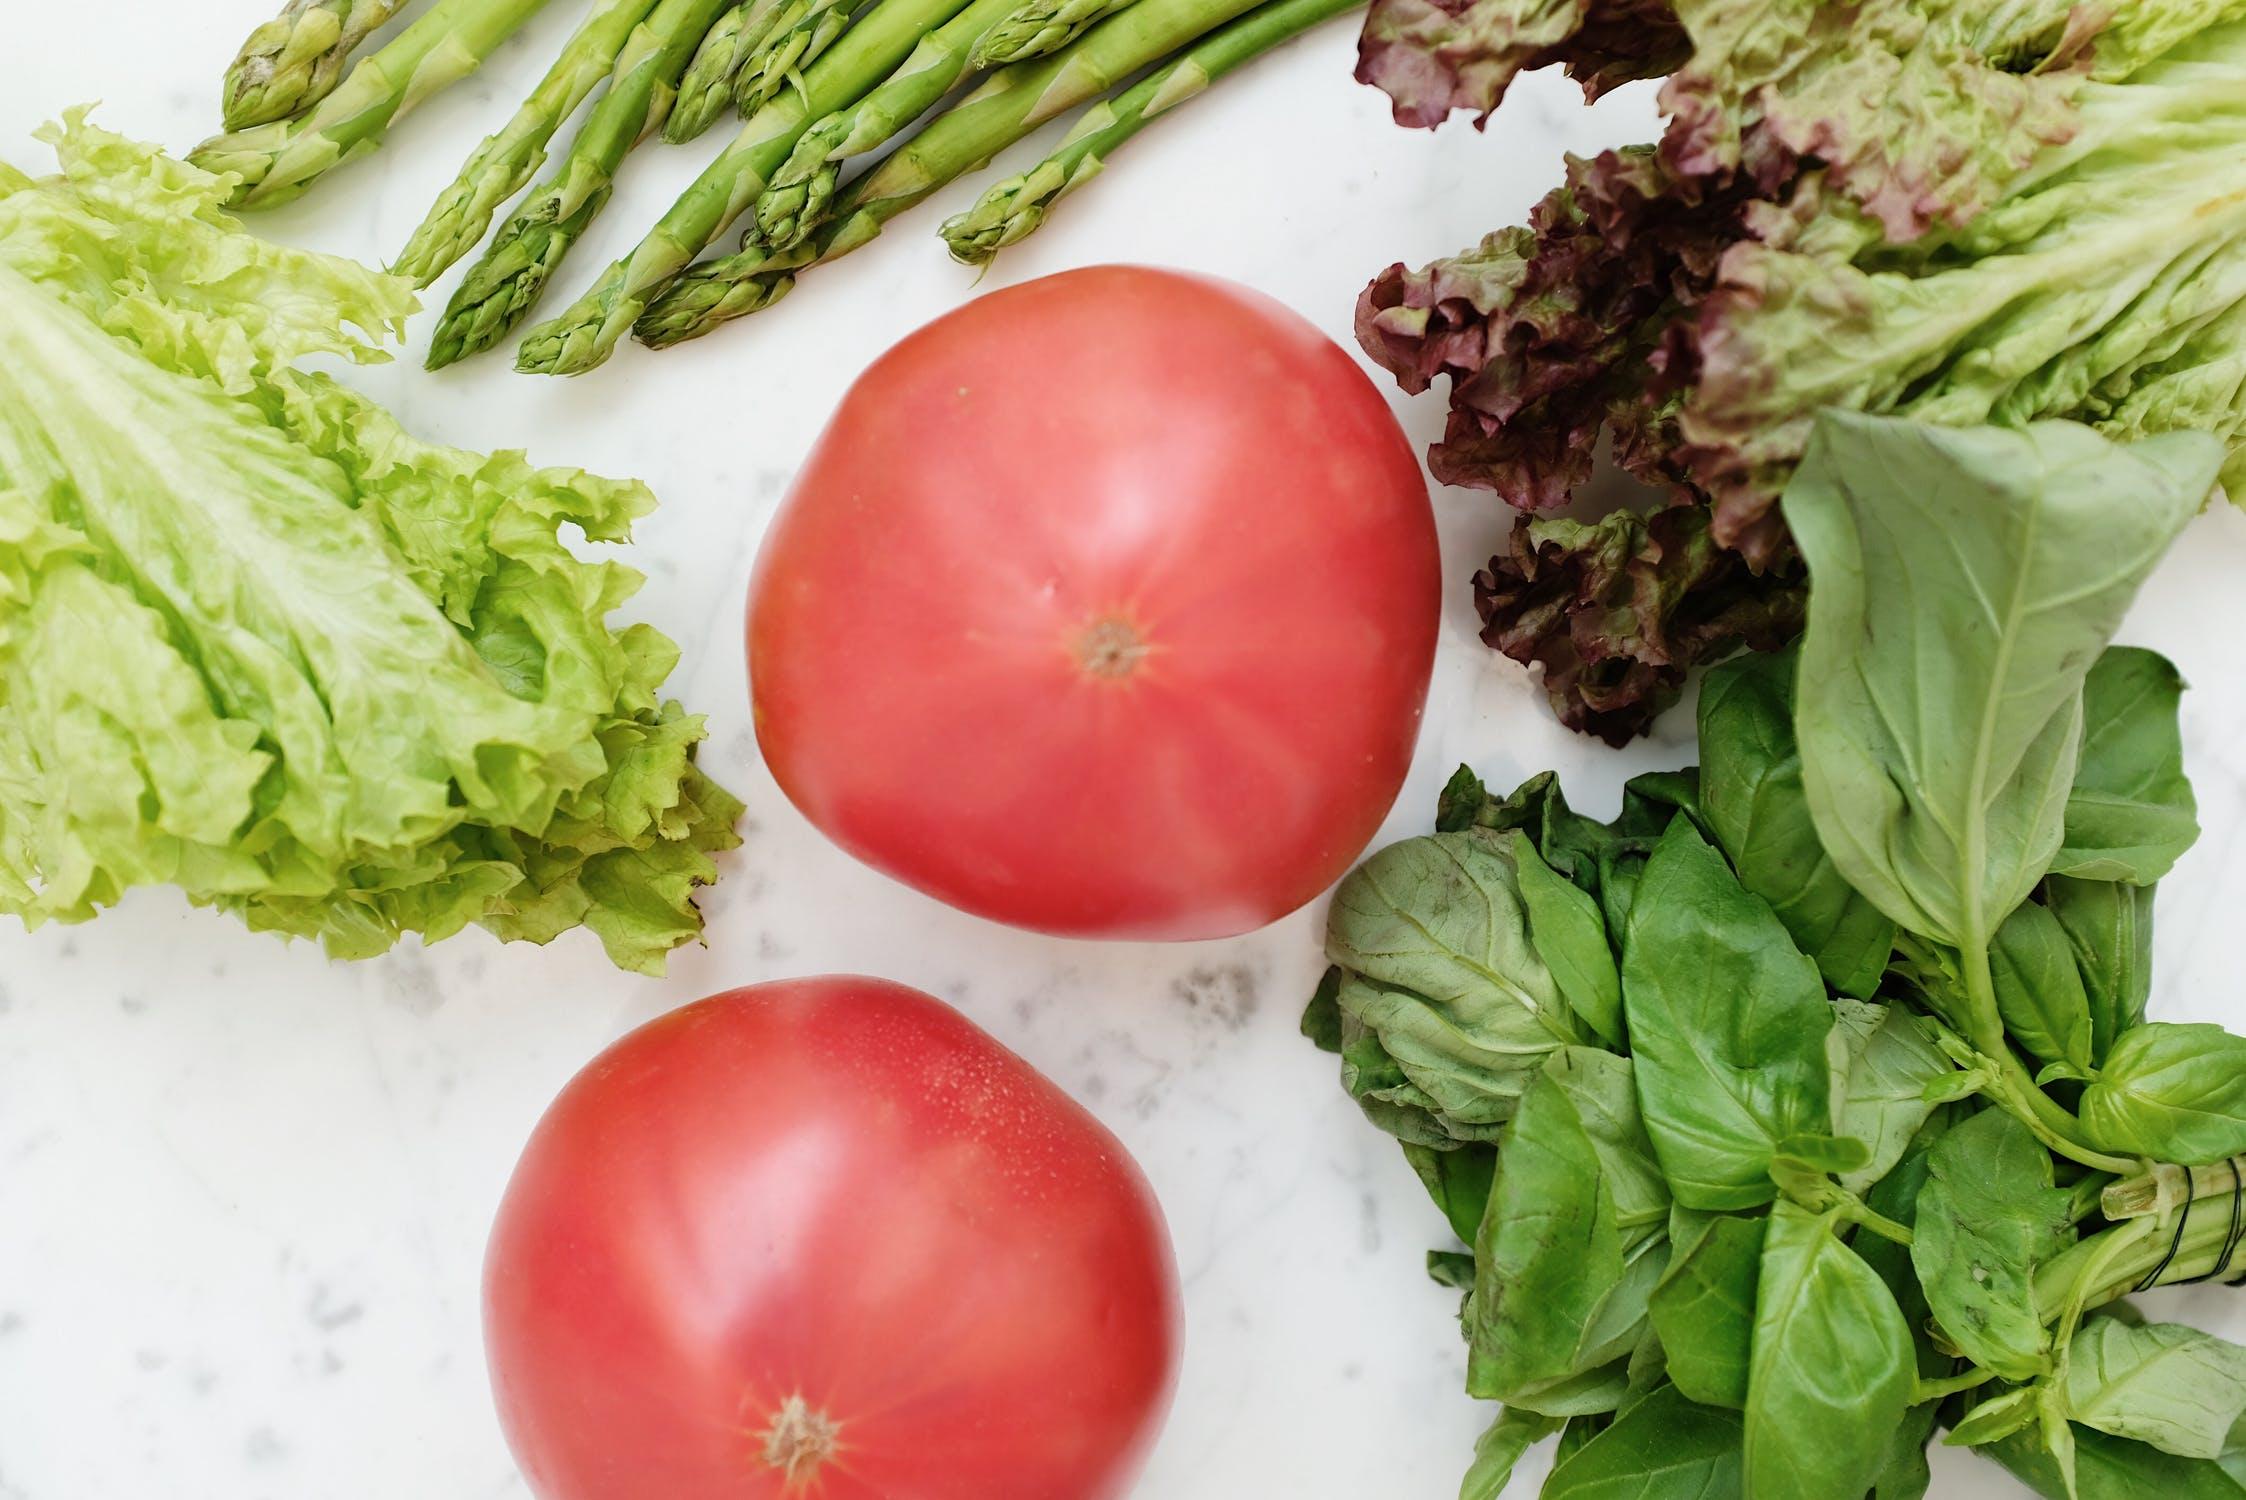 Fiszki język angielski. Kategoria Warzywa. Zdjęcie kategorii Warzywa